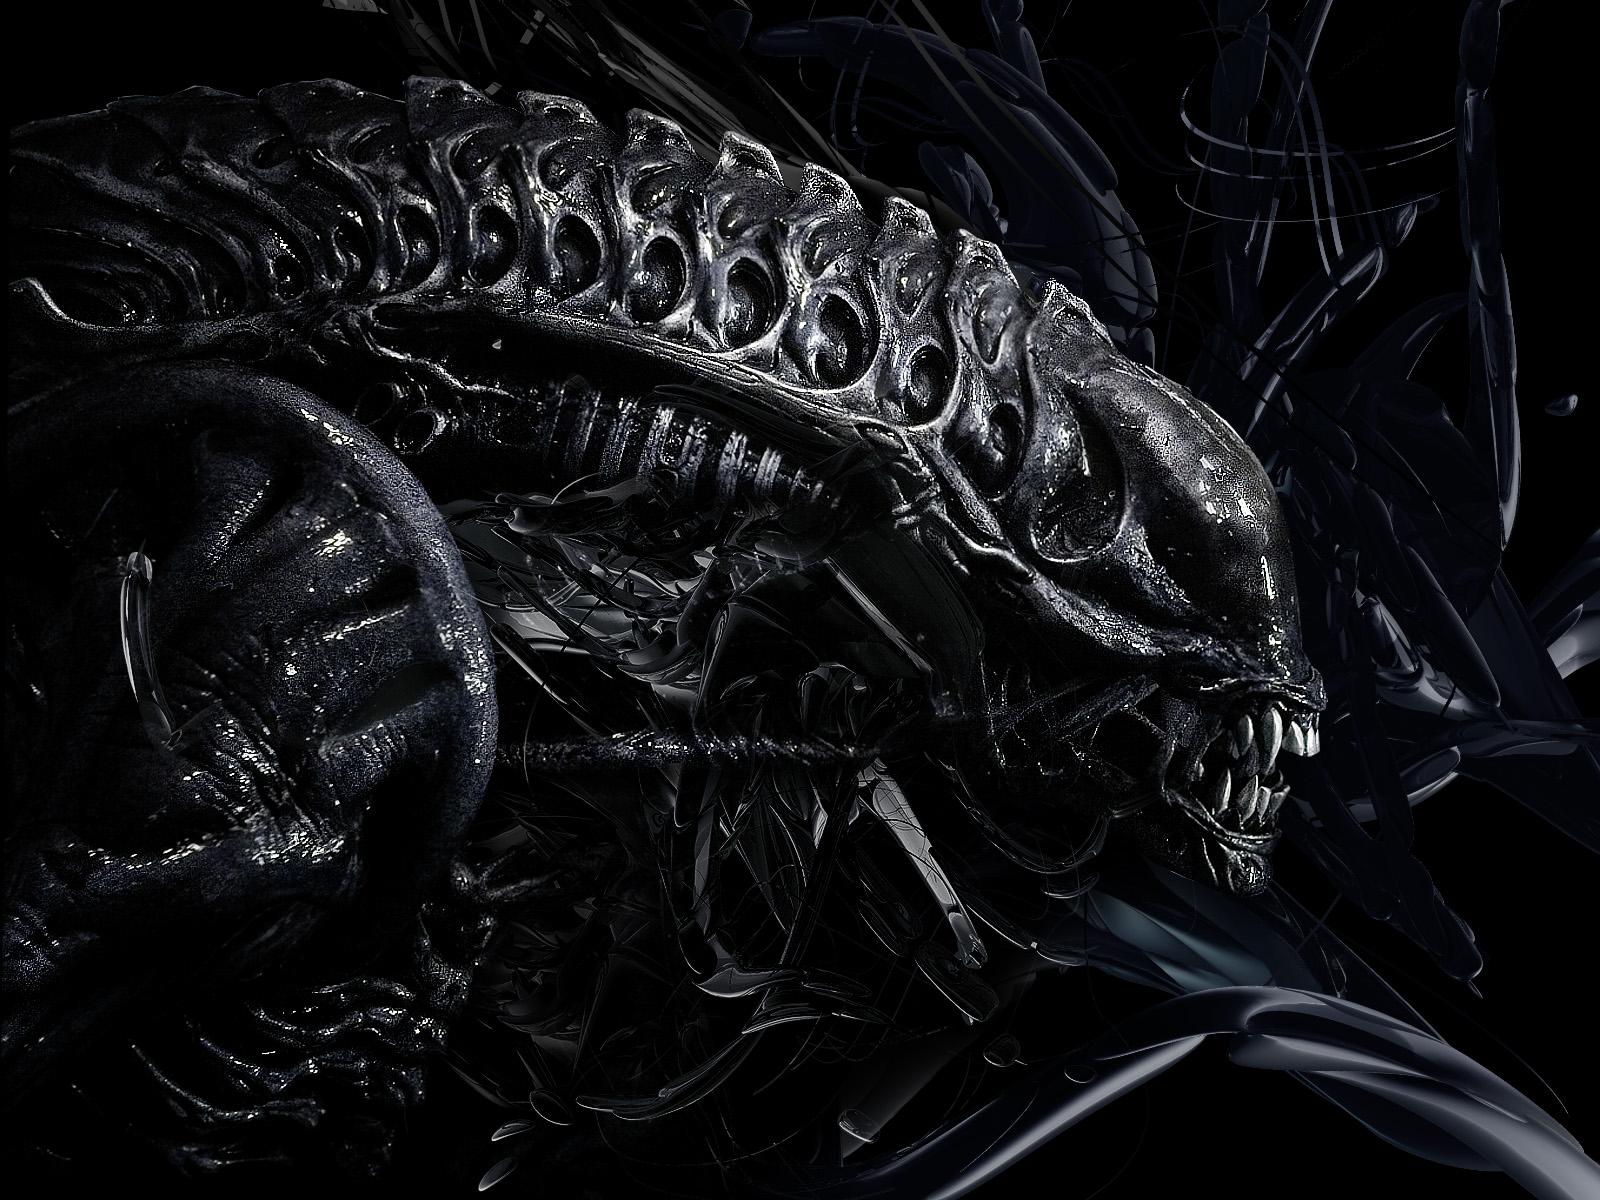 Alien by ekud